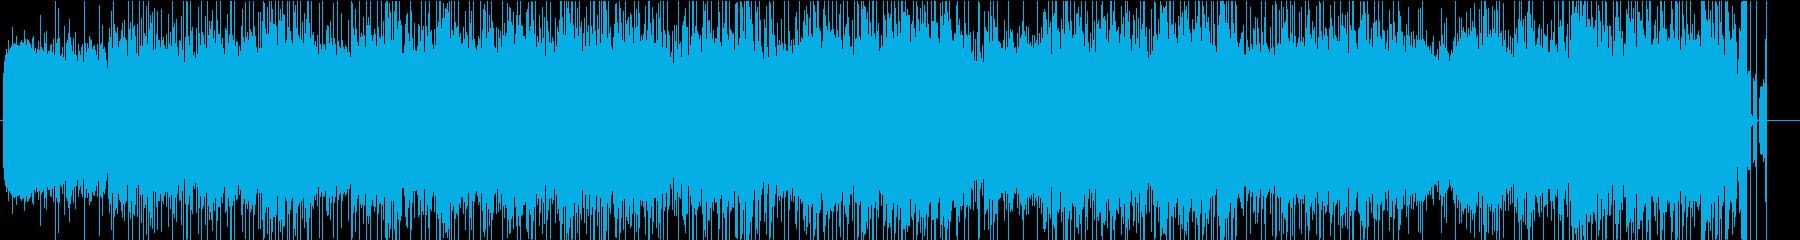 ホワイトノイズをメインにした環境BGMの再生済みの波形